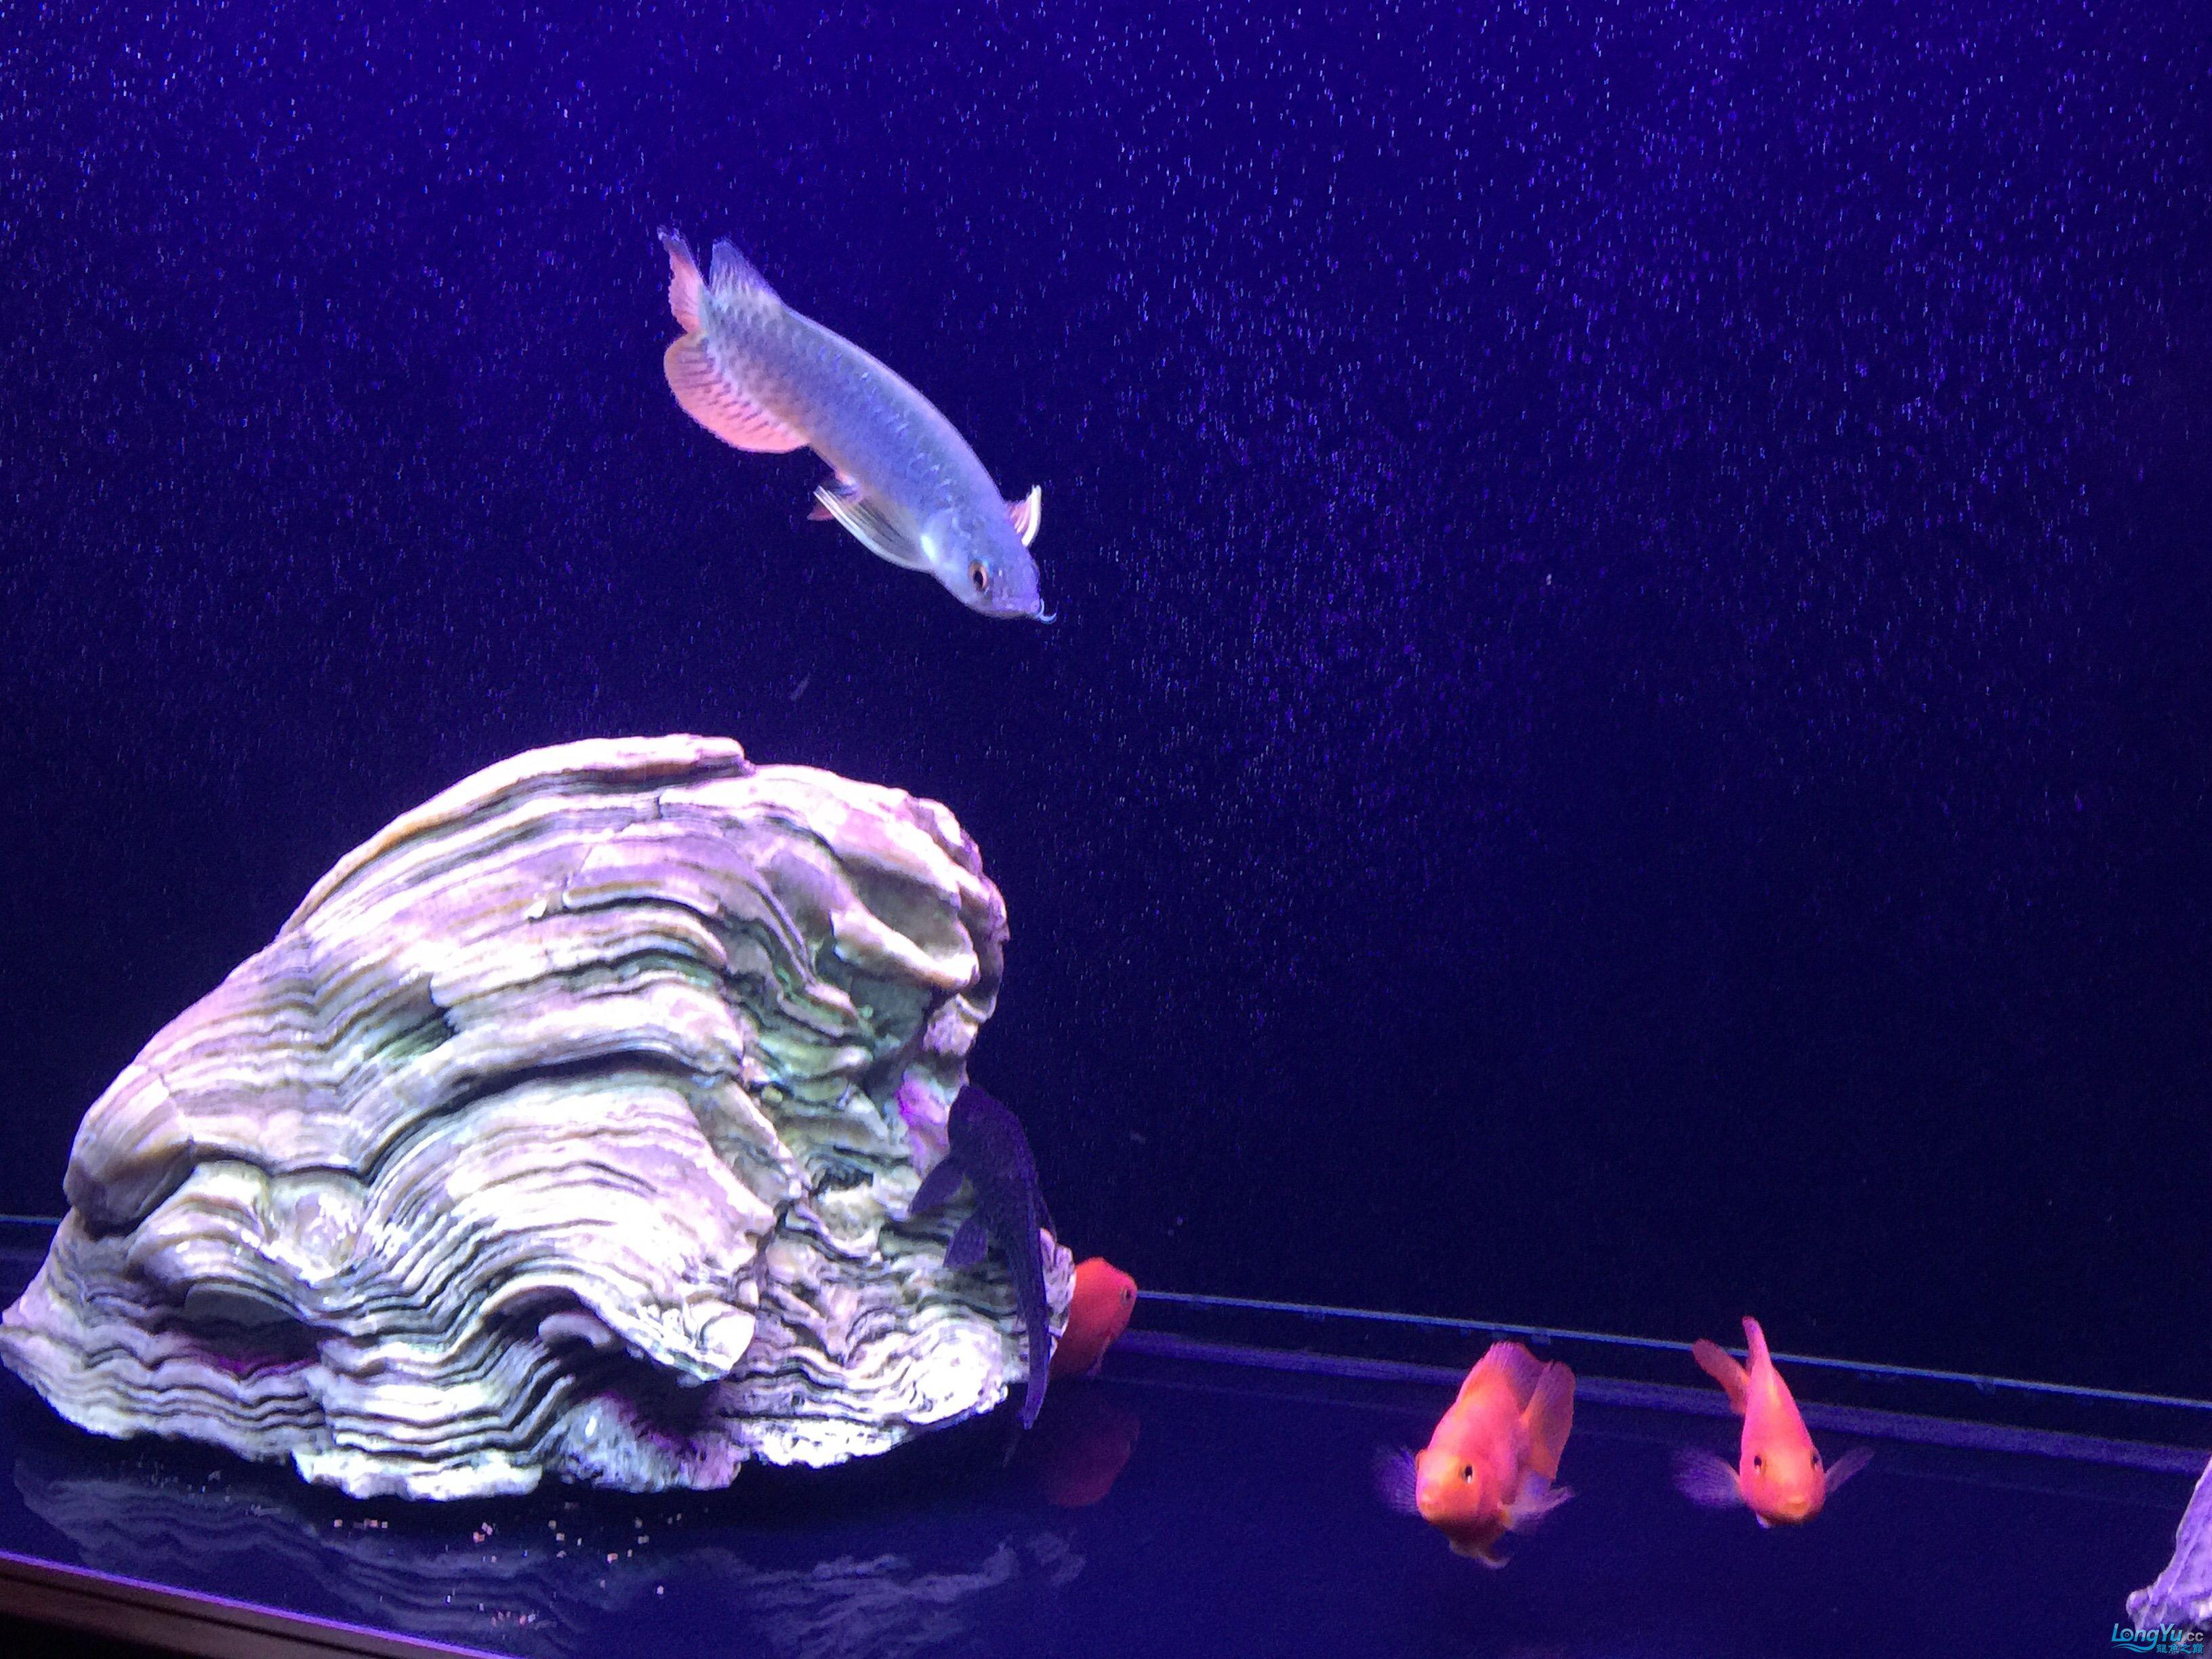 小龙入缸第二天状态很好很喜欢 北京观赏鱼 北京龙鱼第6张